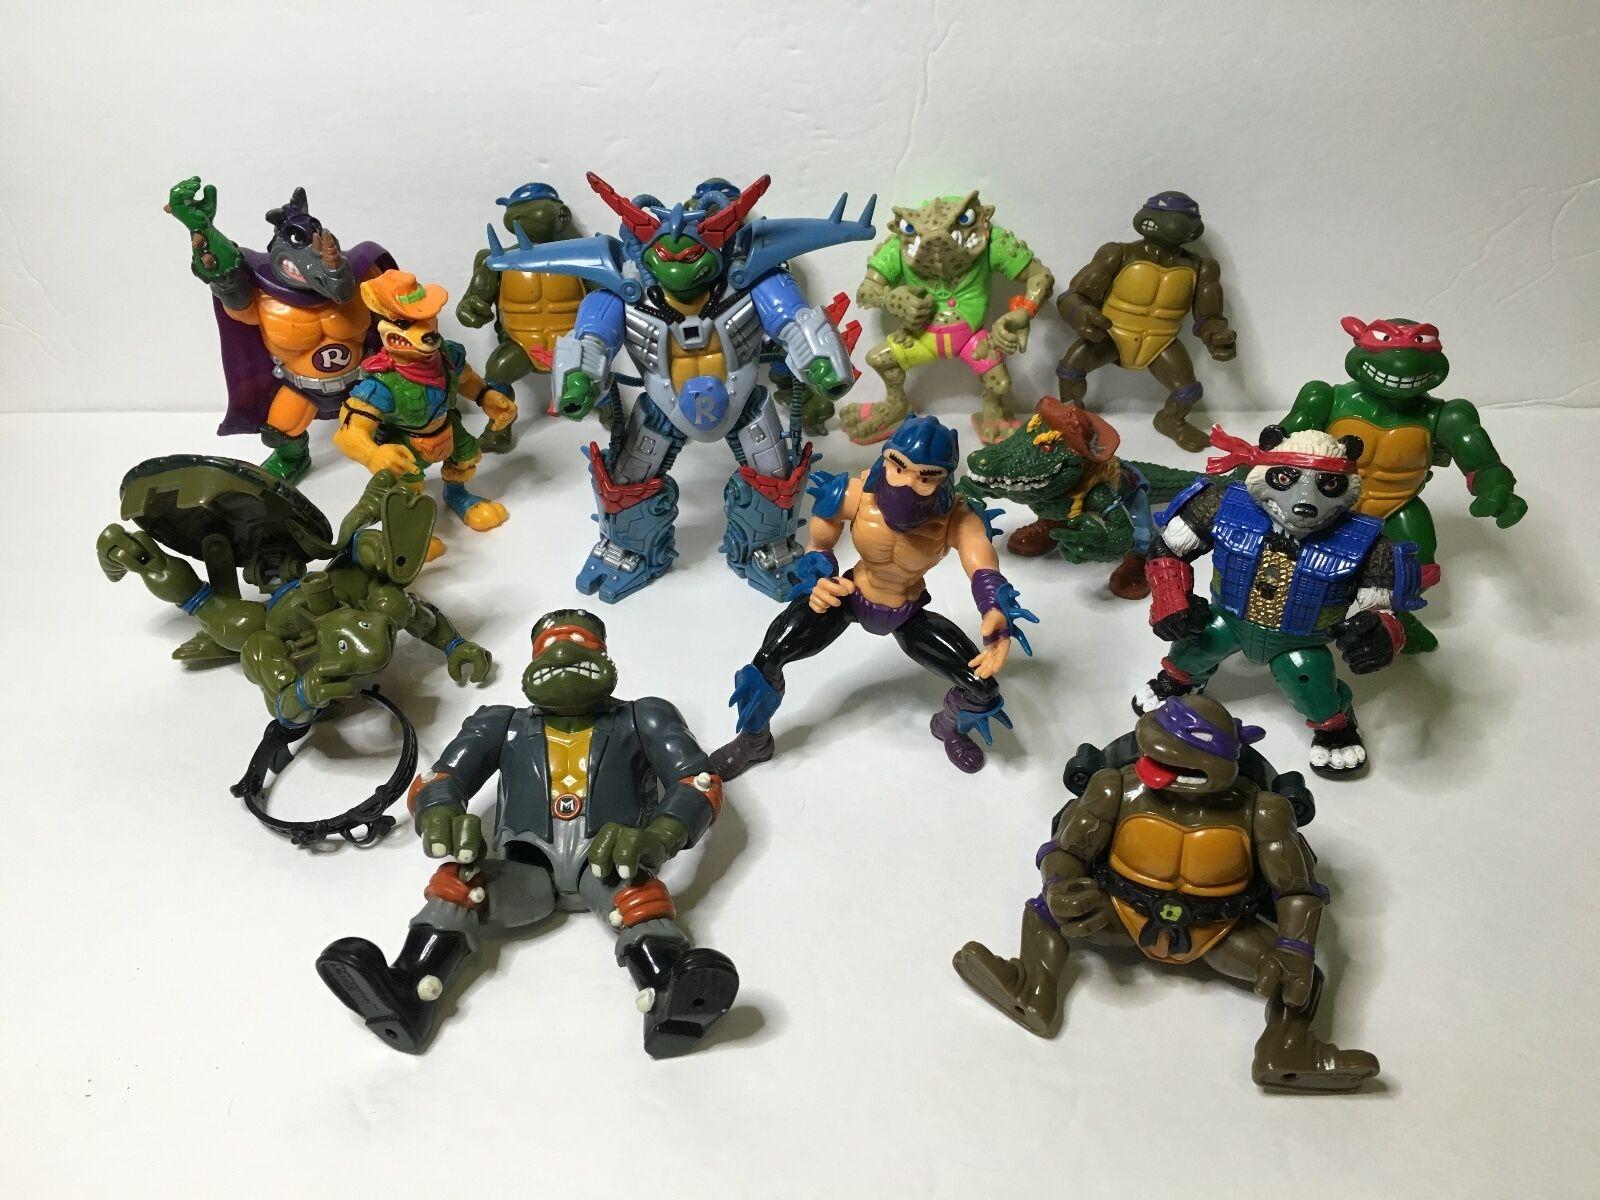 Viele alte teenage mutant ninja turtles tmnt spielkameraden 1990 zahl